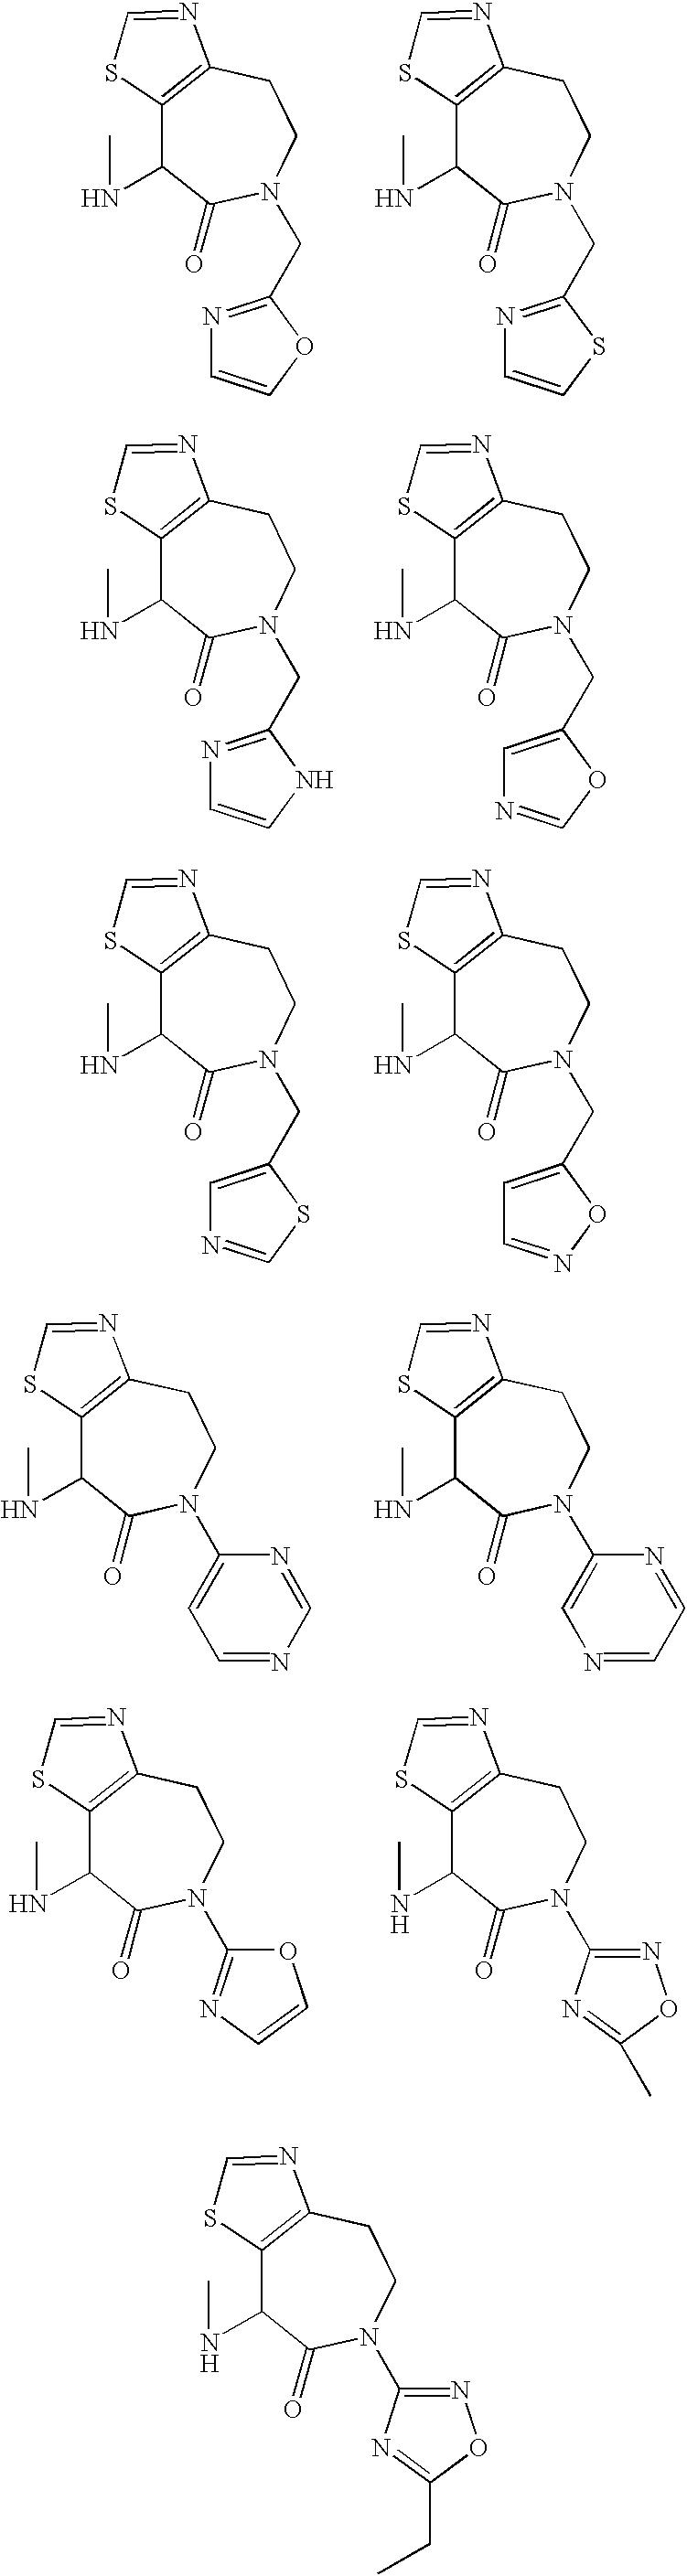 Figure US06509331-20030121-C00094